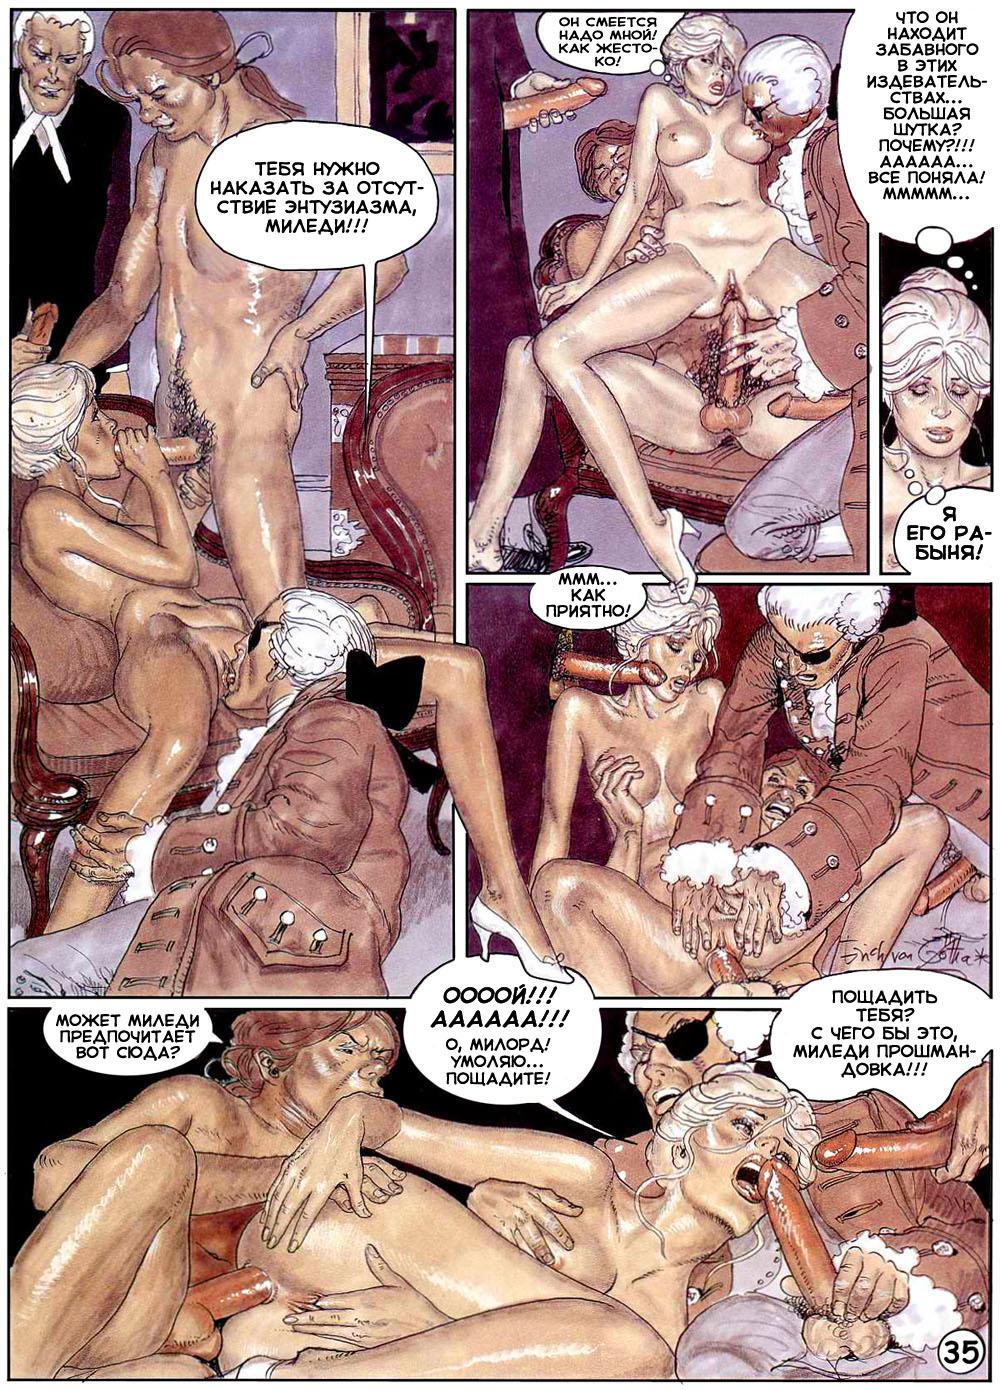 читать порно рассказы извращенцы